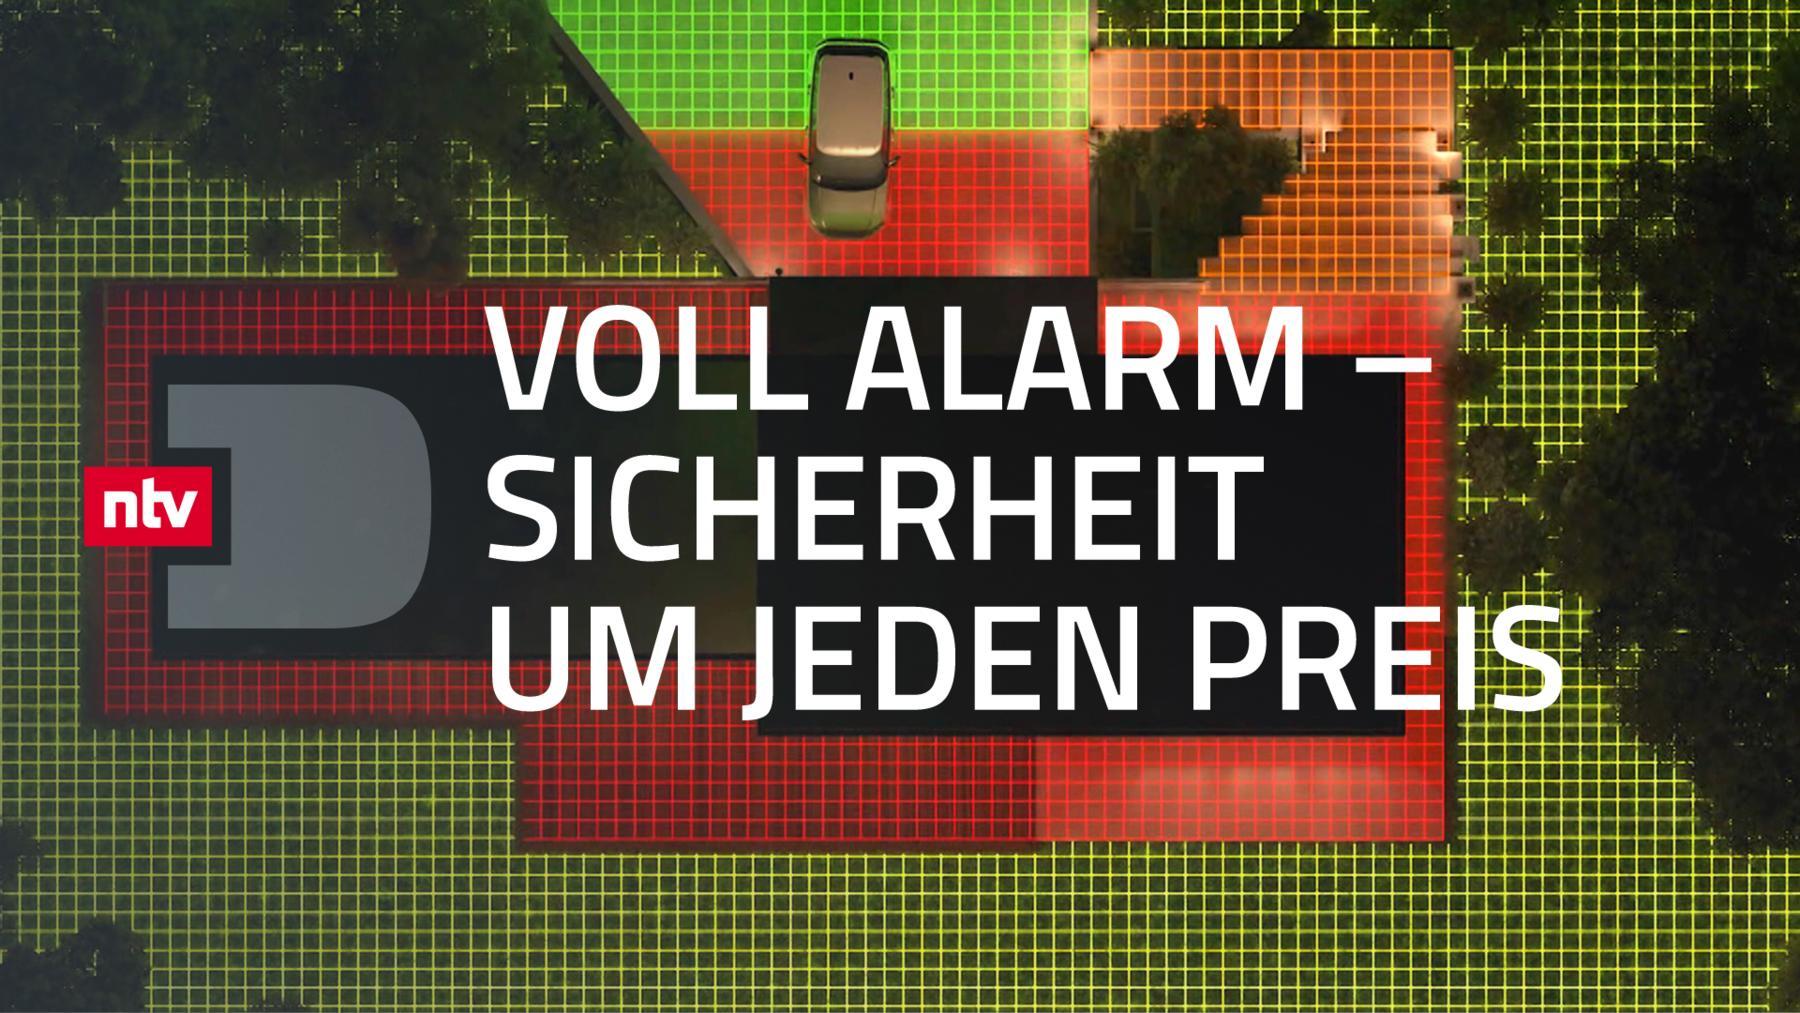 Voll Alarm - Sicherheit um jeden Preis